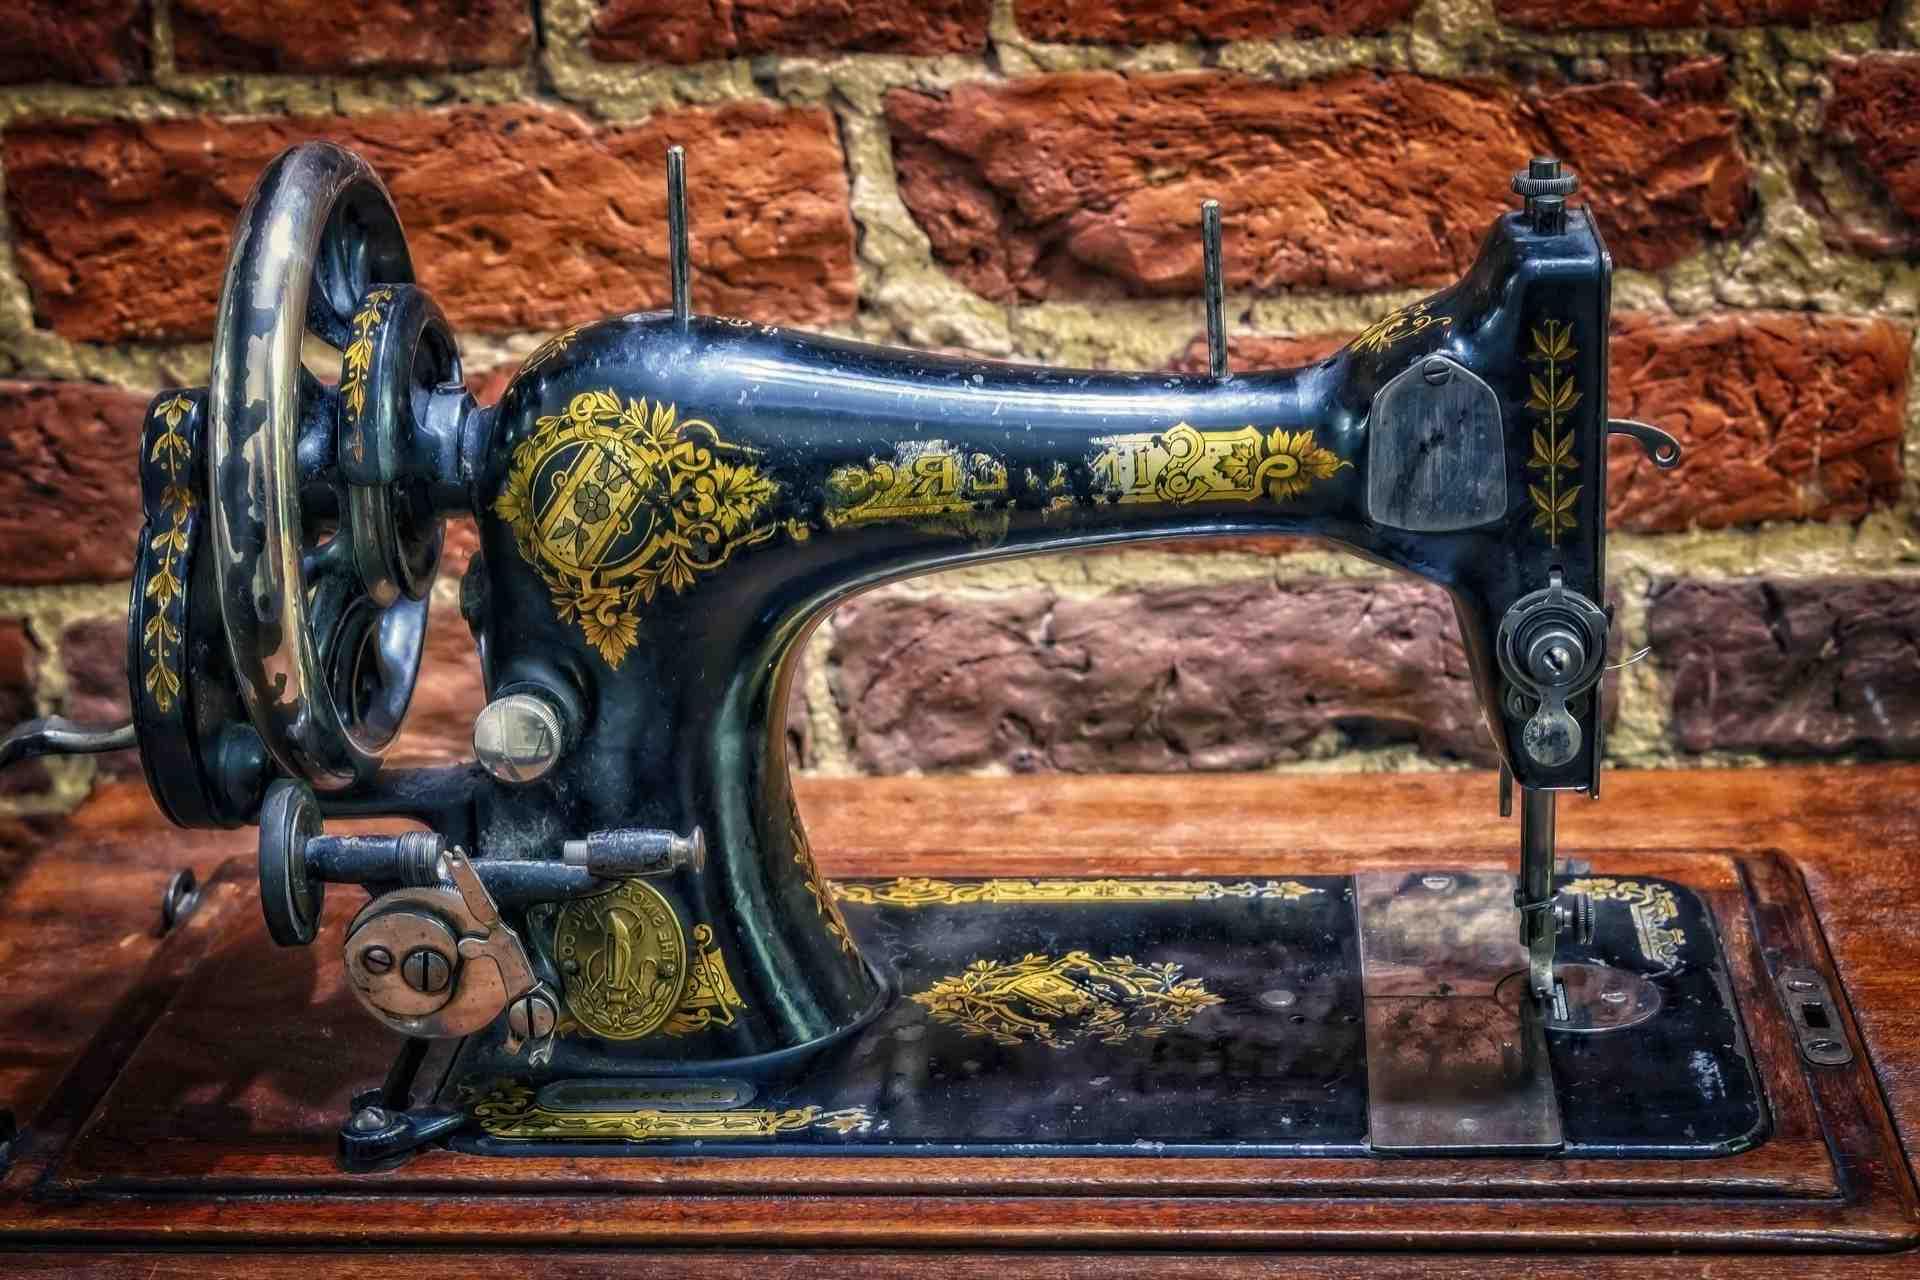 Quelle machine à coudre mécanique choisir?